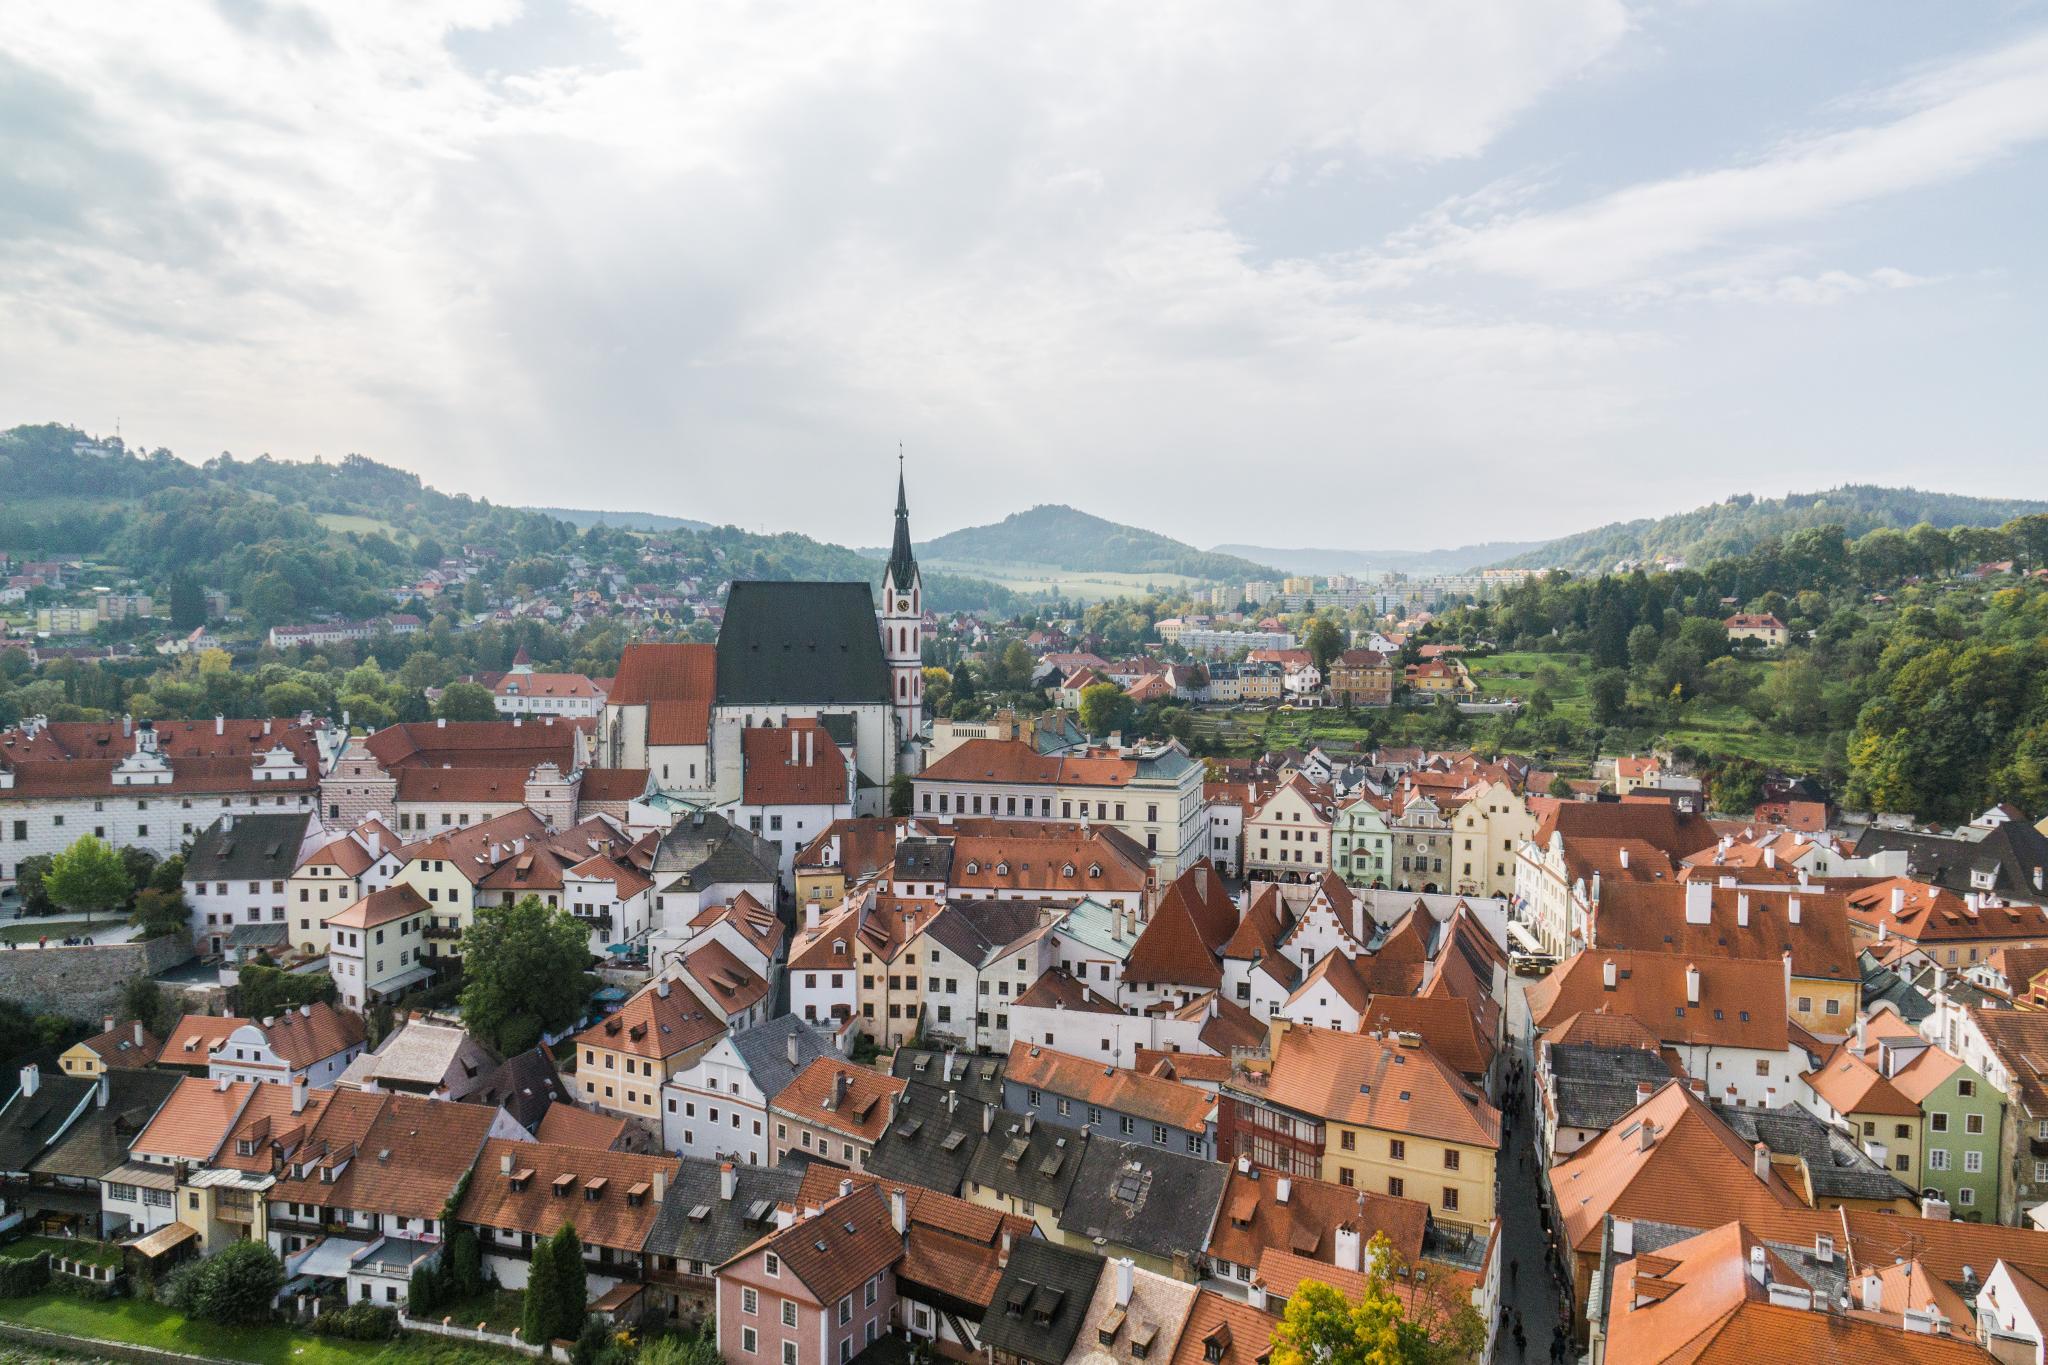 【捷克】穿越時空的波希米亞狂想曲 — Český Krumlov Castle 庫倫諾夫城堡 11